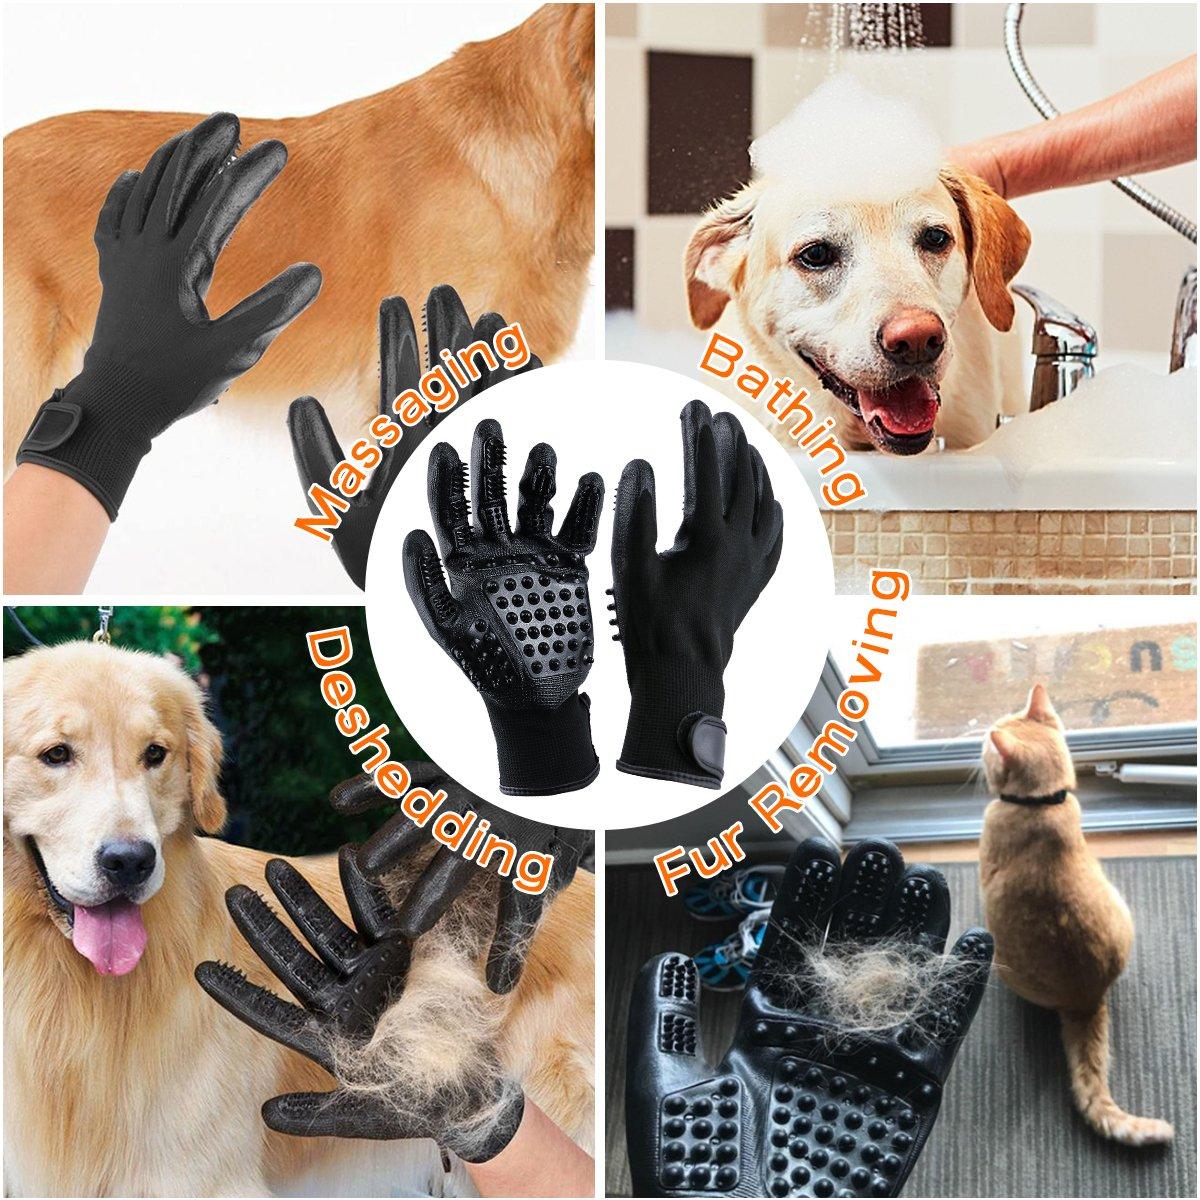 Guantes Masaje para Mascotas con Peine de acero, Mejorado Diseño de 5 Dedos Limpieza de Mascotas , Pet Grooming Gloves Funciona con Cabello Largo y Corto para Mascotas con Pelo Largo y Corto,perros, gatos, conejo,caballos